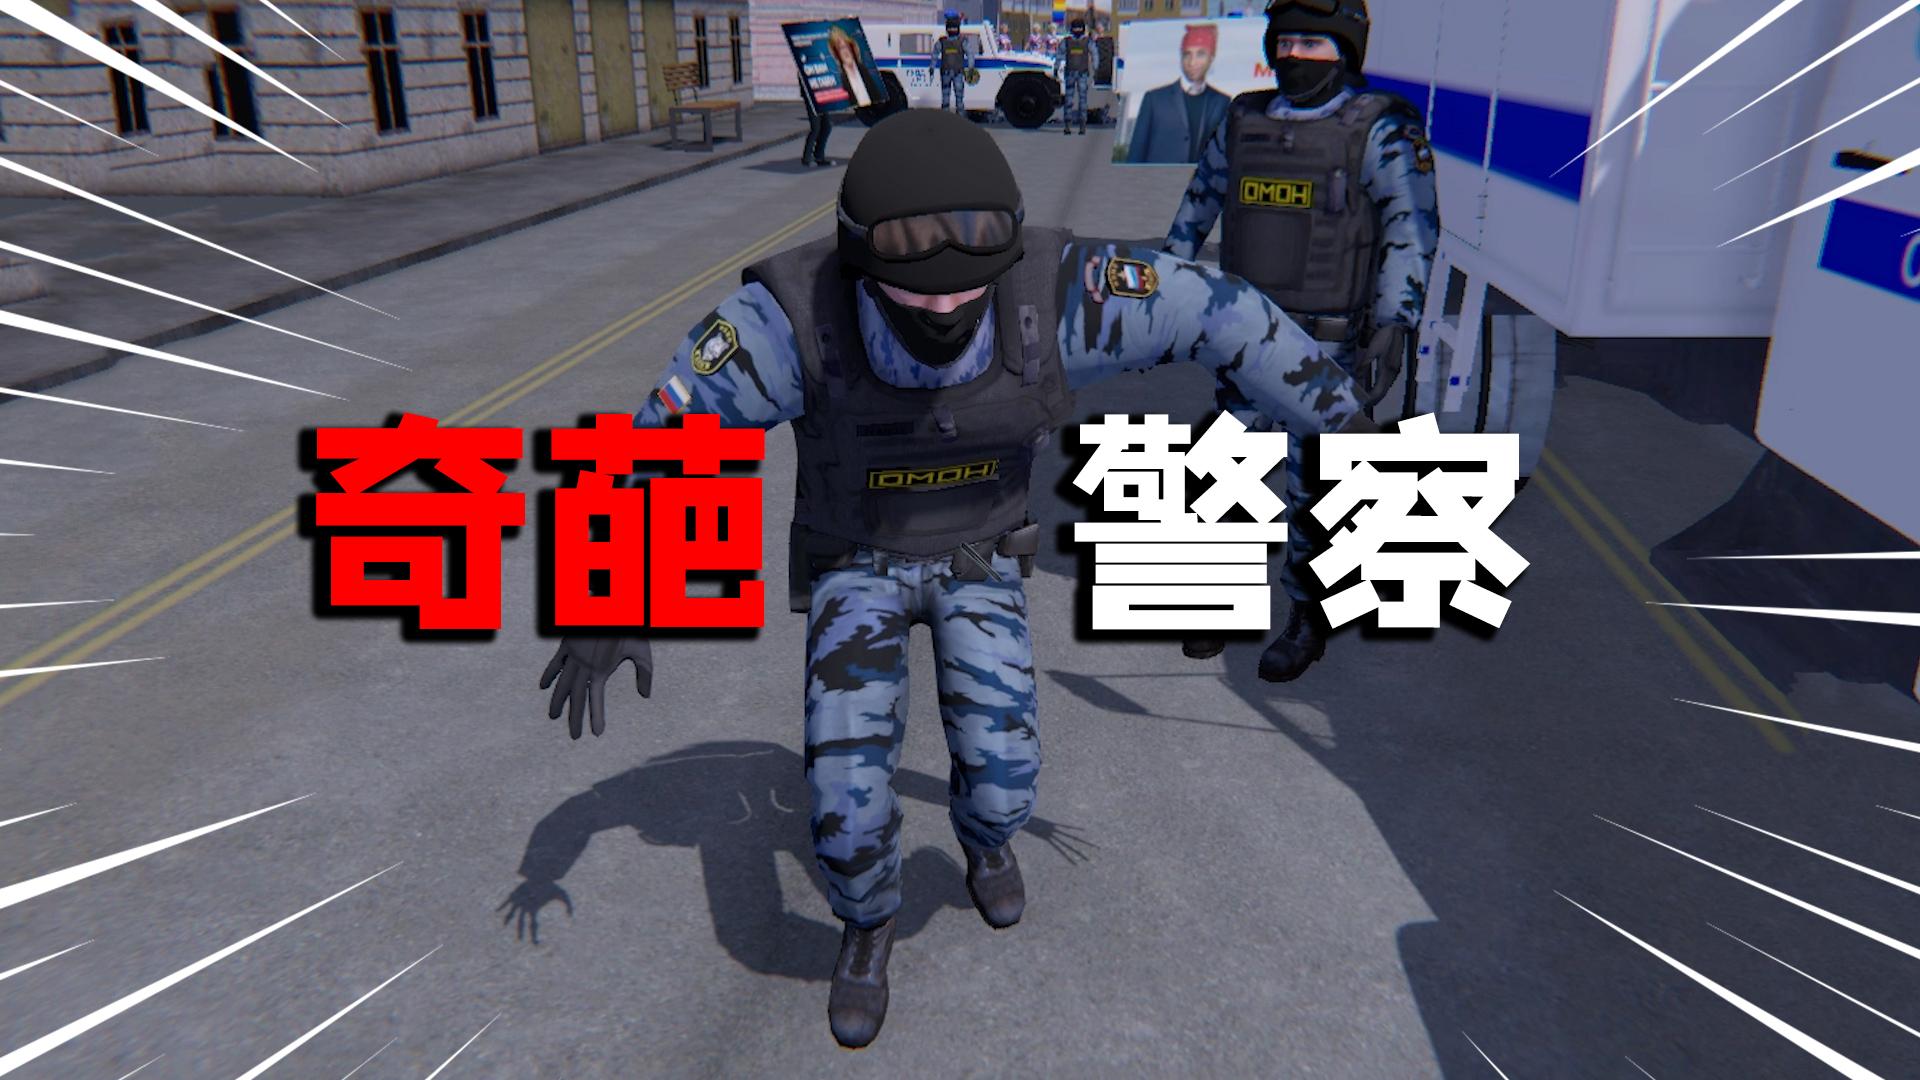 【试毒时间】搞笑的俄罗斯警察,游戏中抓人方式,太奇葩了!